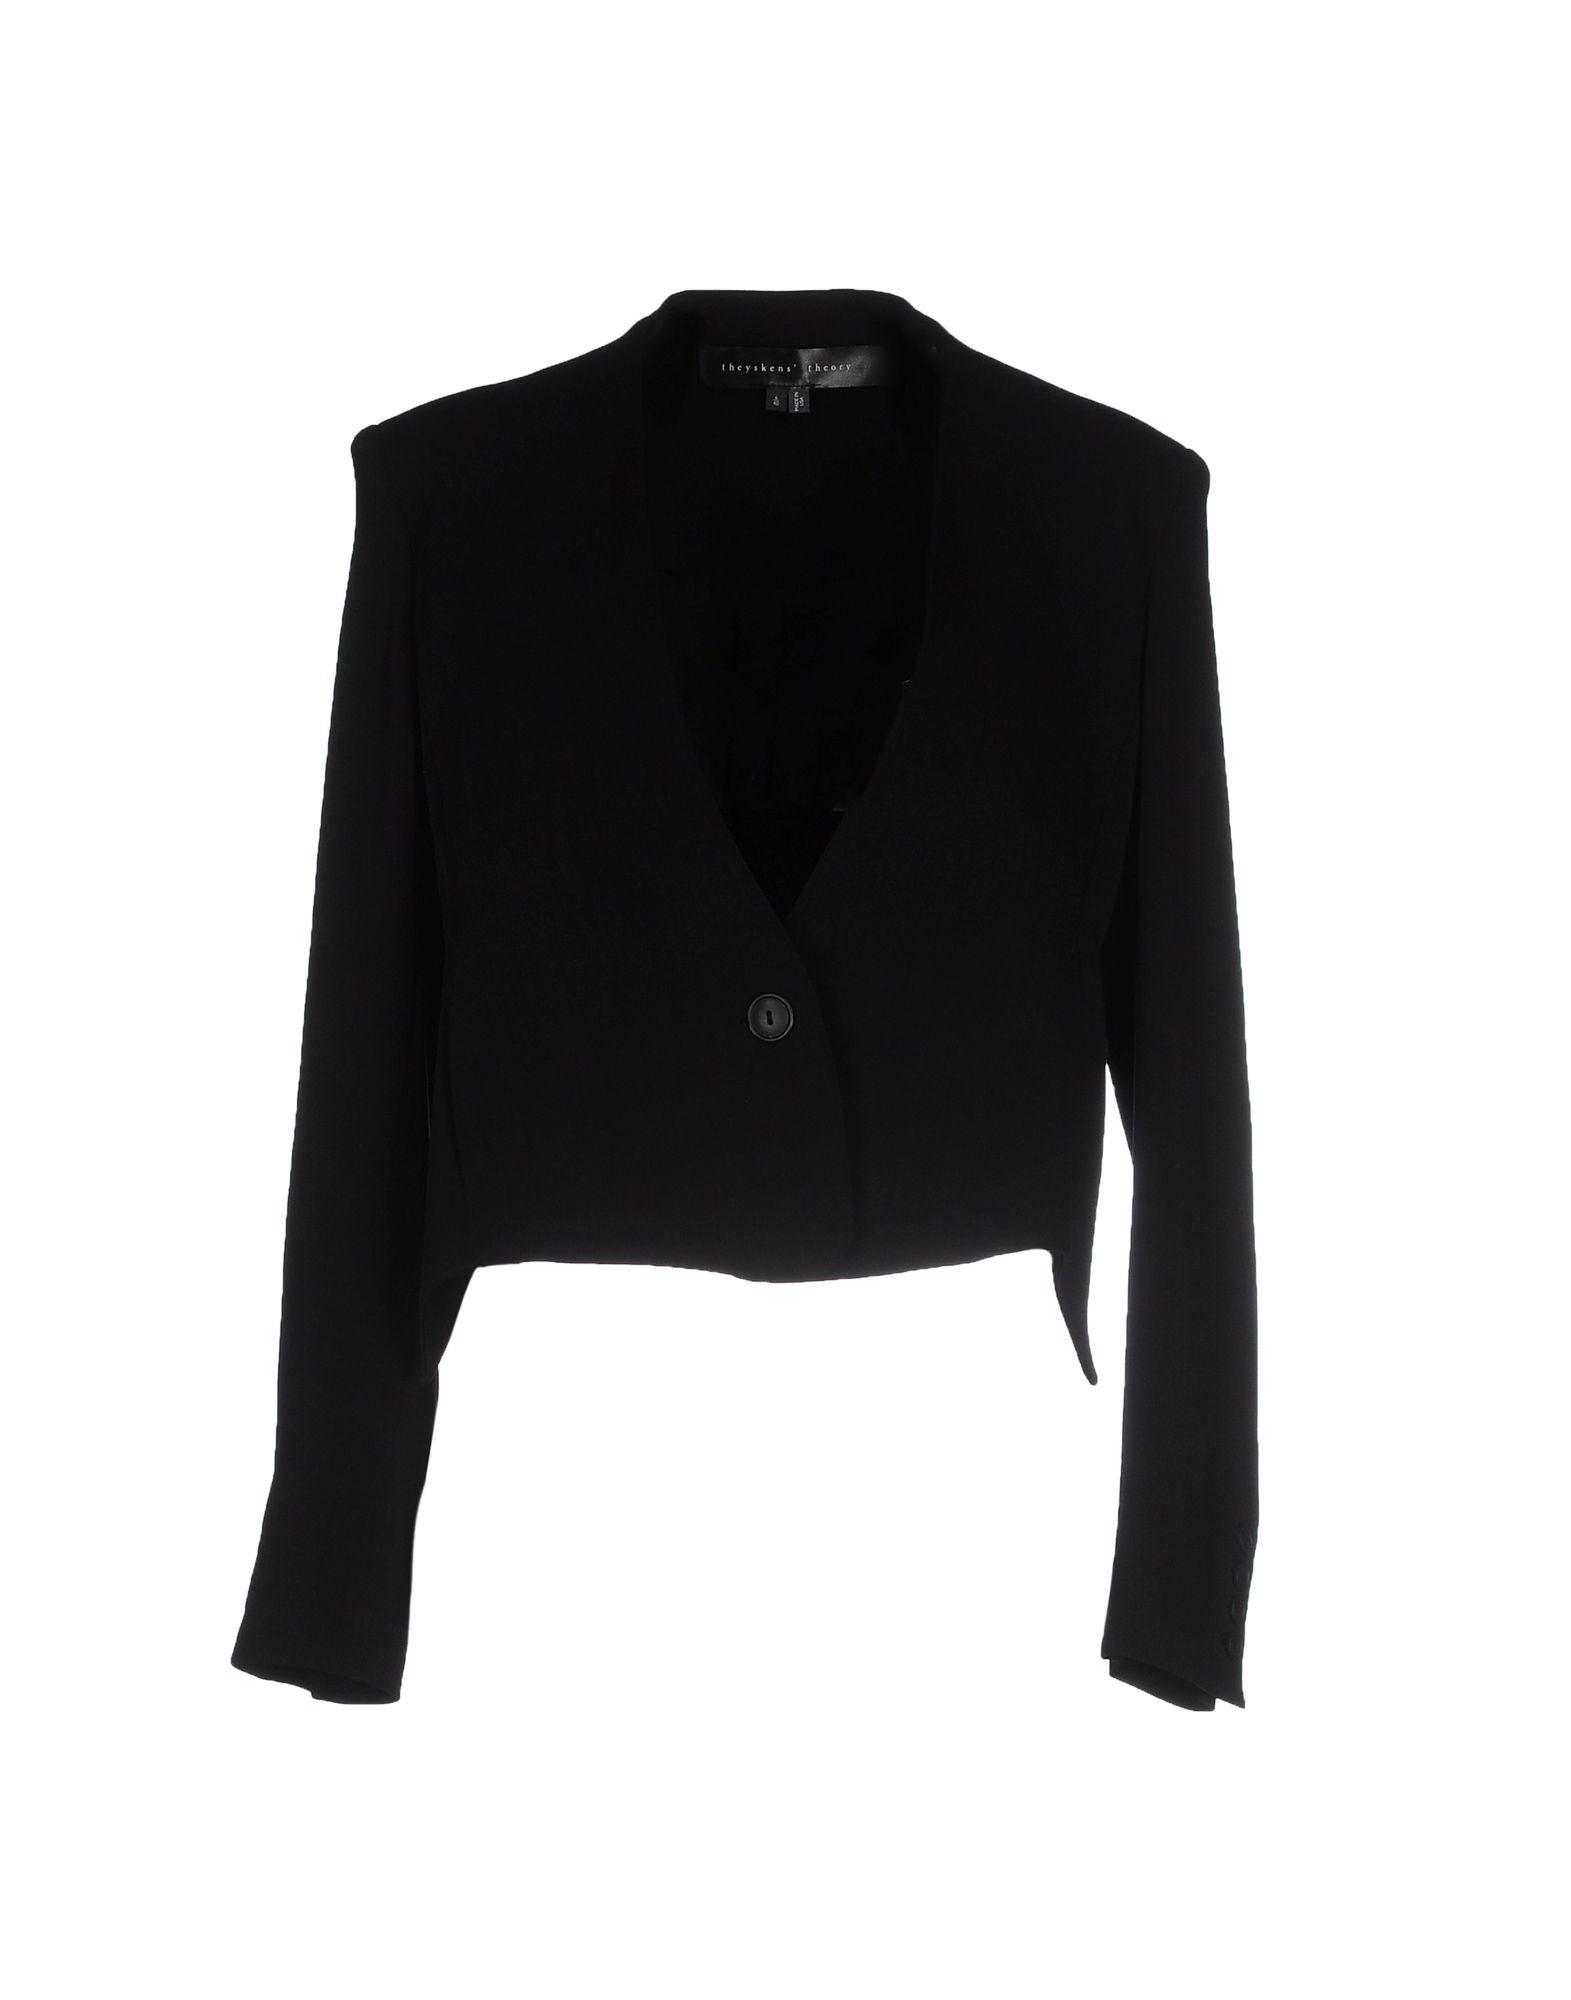 THEYSKENS' THEORY Blazer in Black